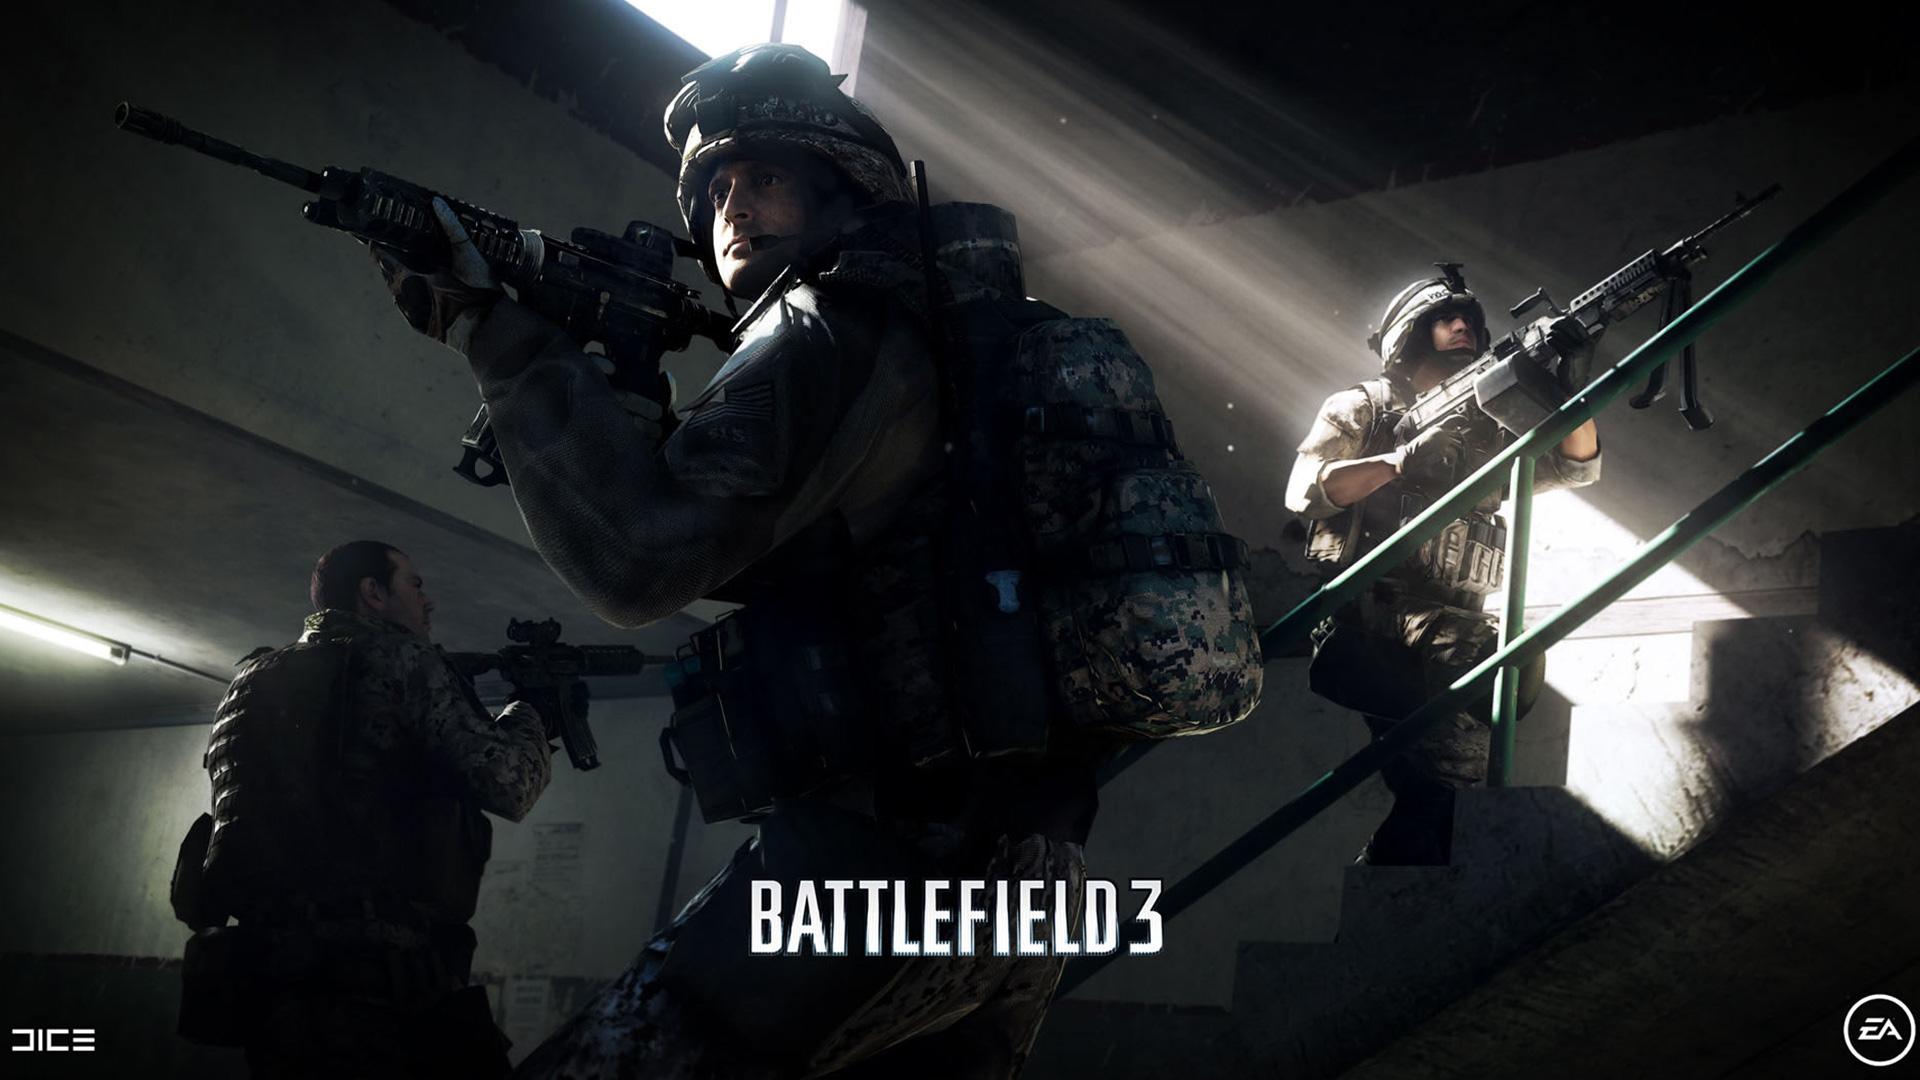 Free Battlefield 3 Wallpaper in 1920x1080